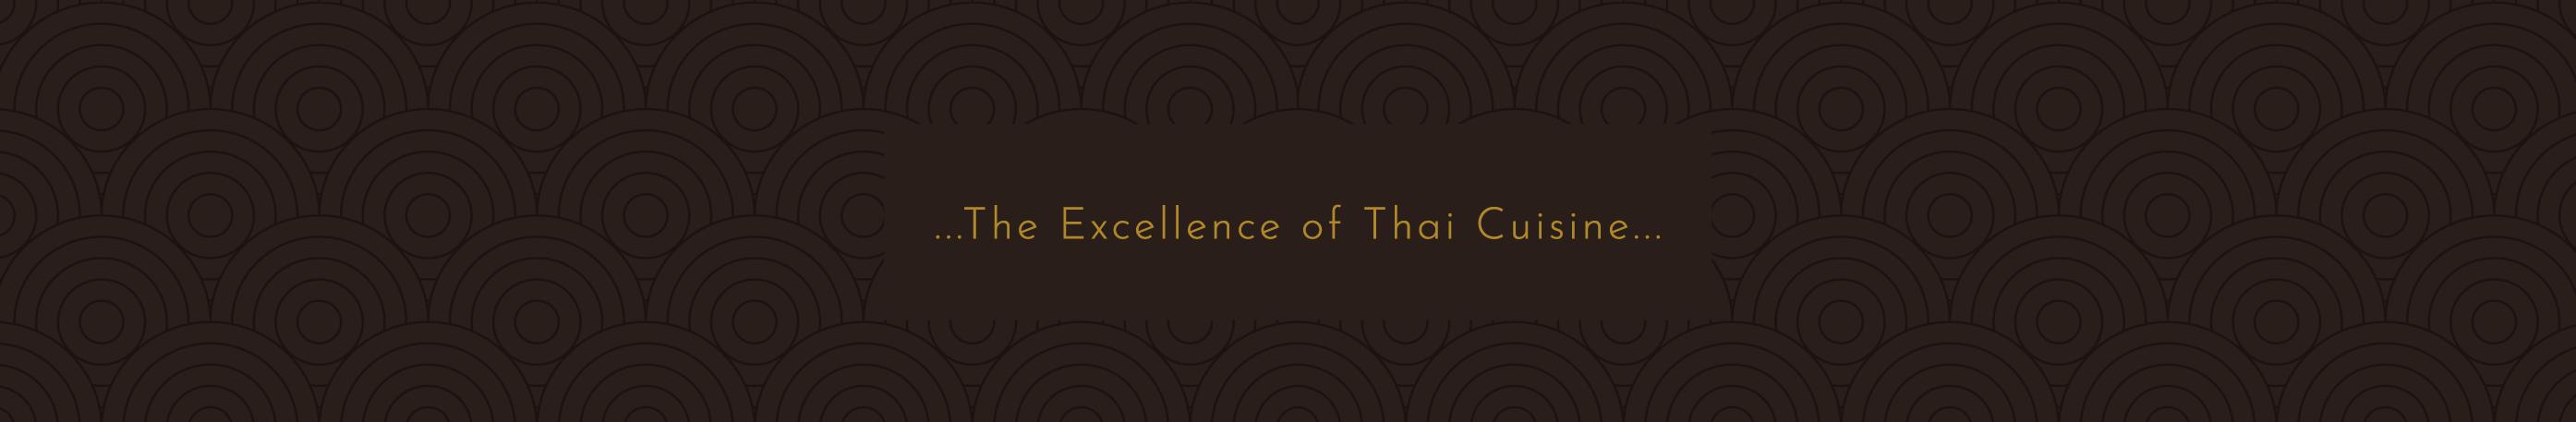 comida-tailandesa-pie-de-articulo